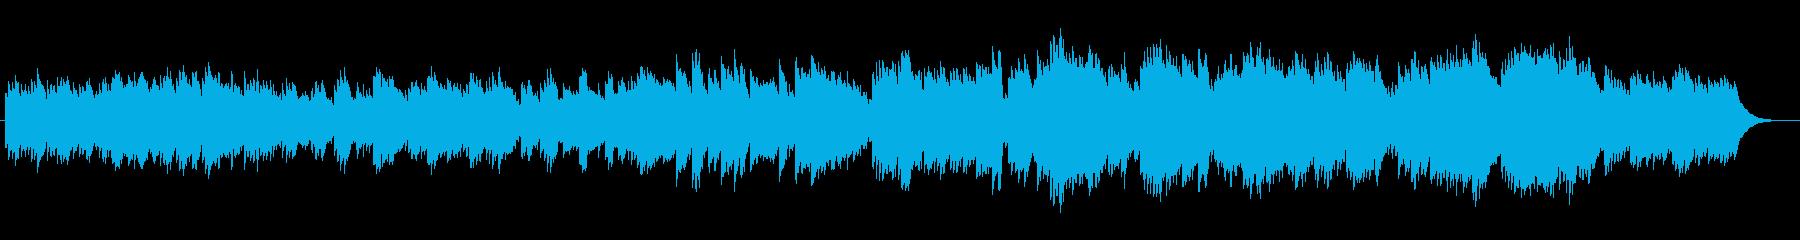 ヒーリング効果があるミュージックの再生済みの波形